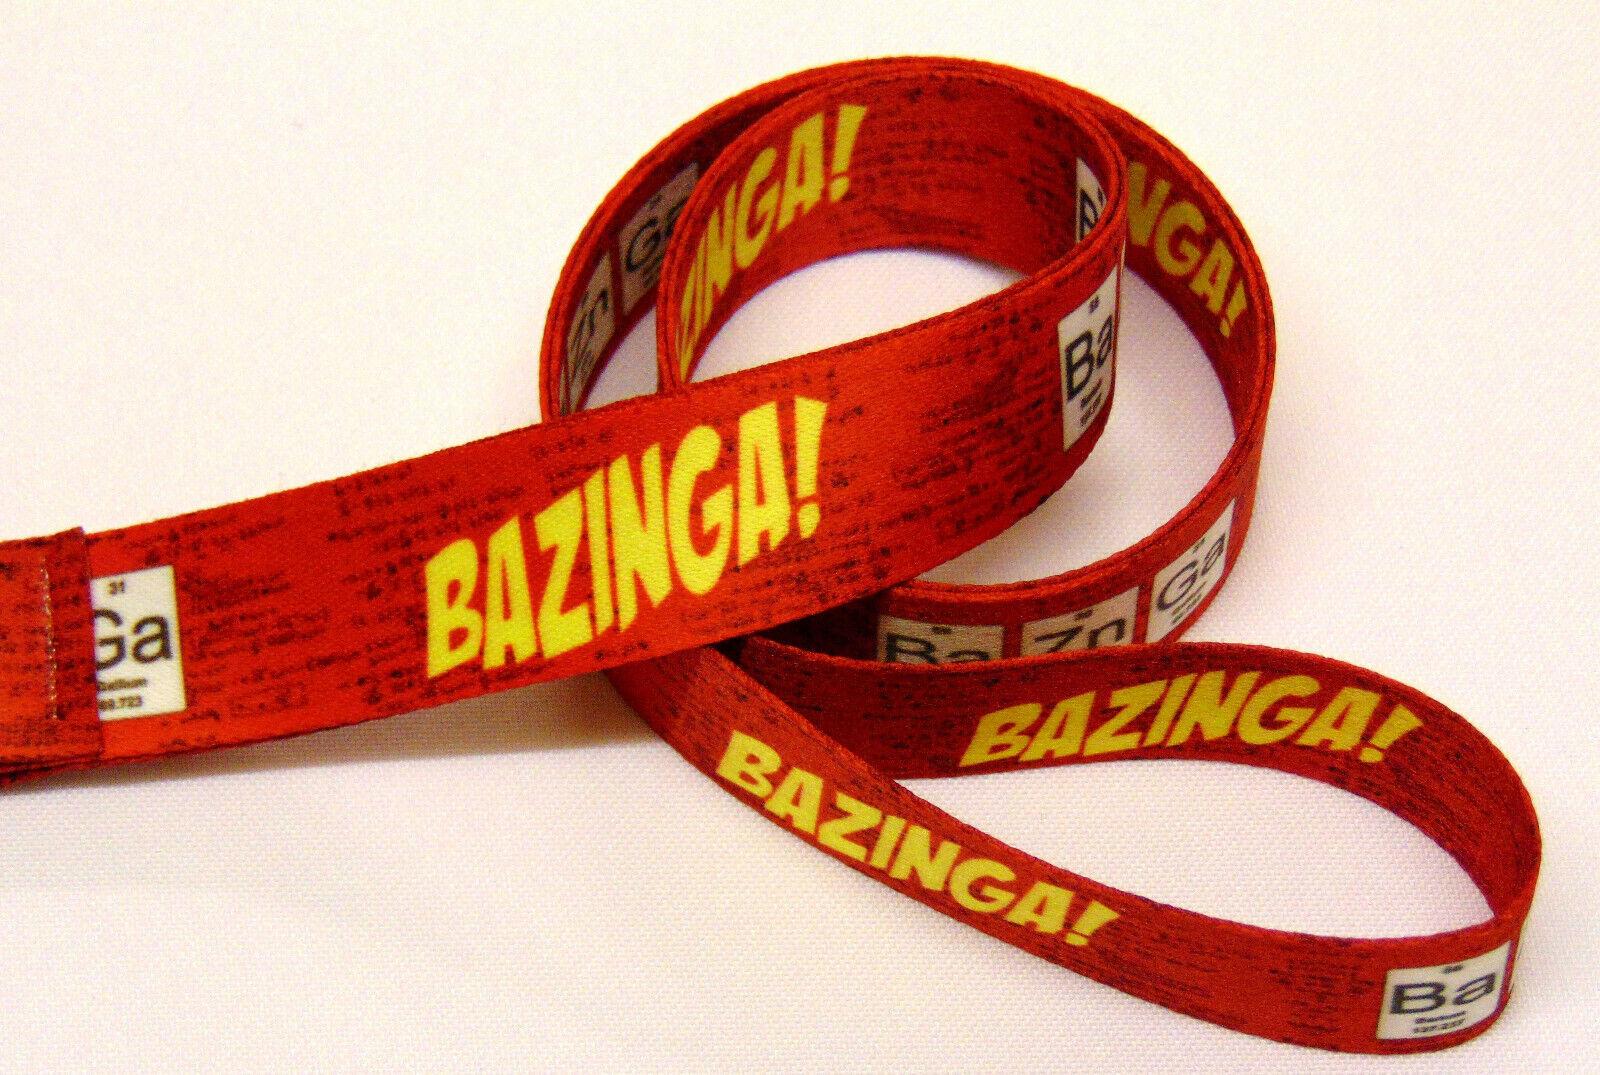 BAZINGA neck strap lanyard for ID, keys etc. Hand made in UK. Free UK postage